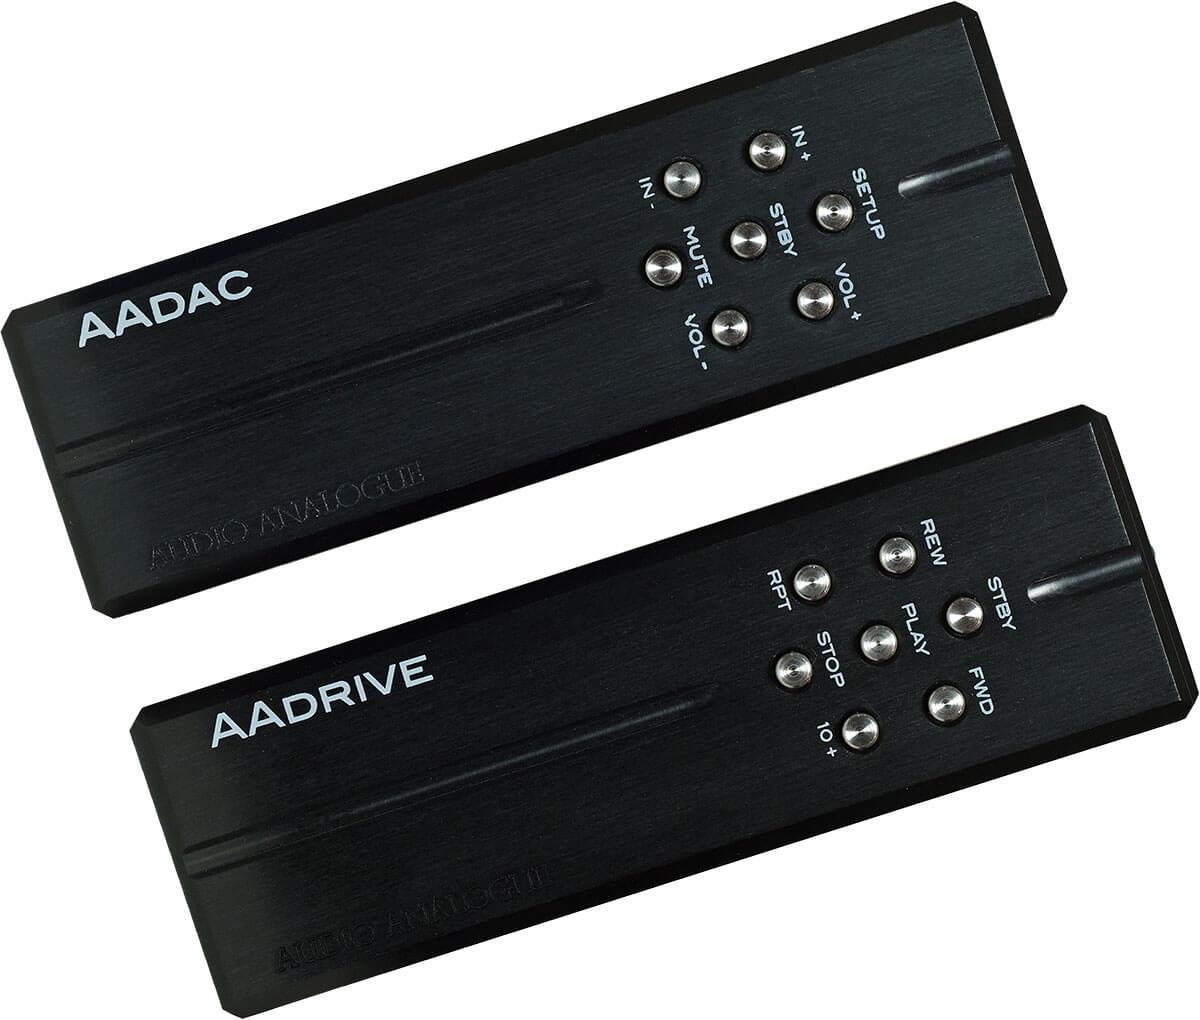 Die Fernbedienungen von AAdac und AAdrive sind sehr ähnlich